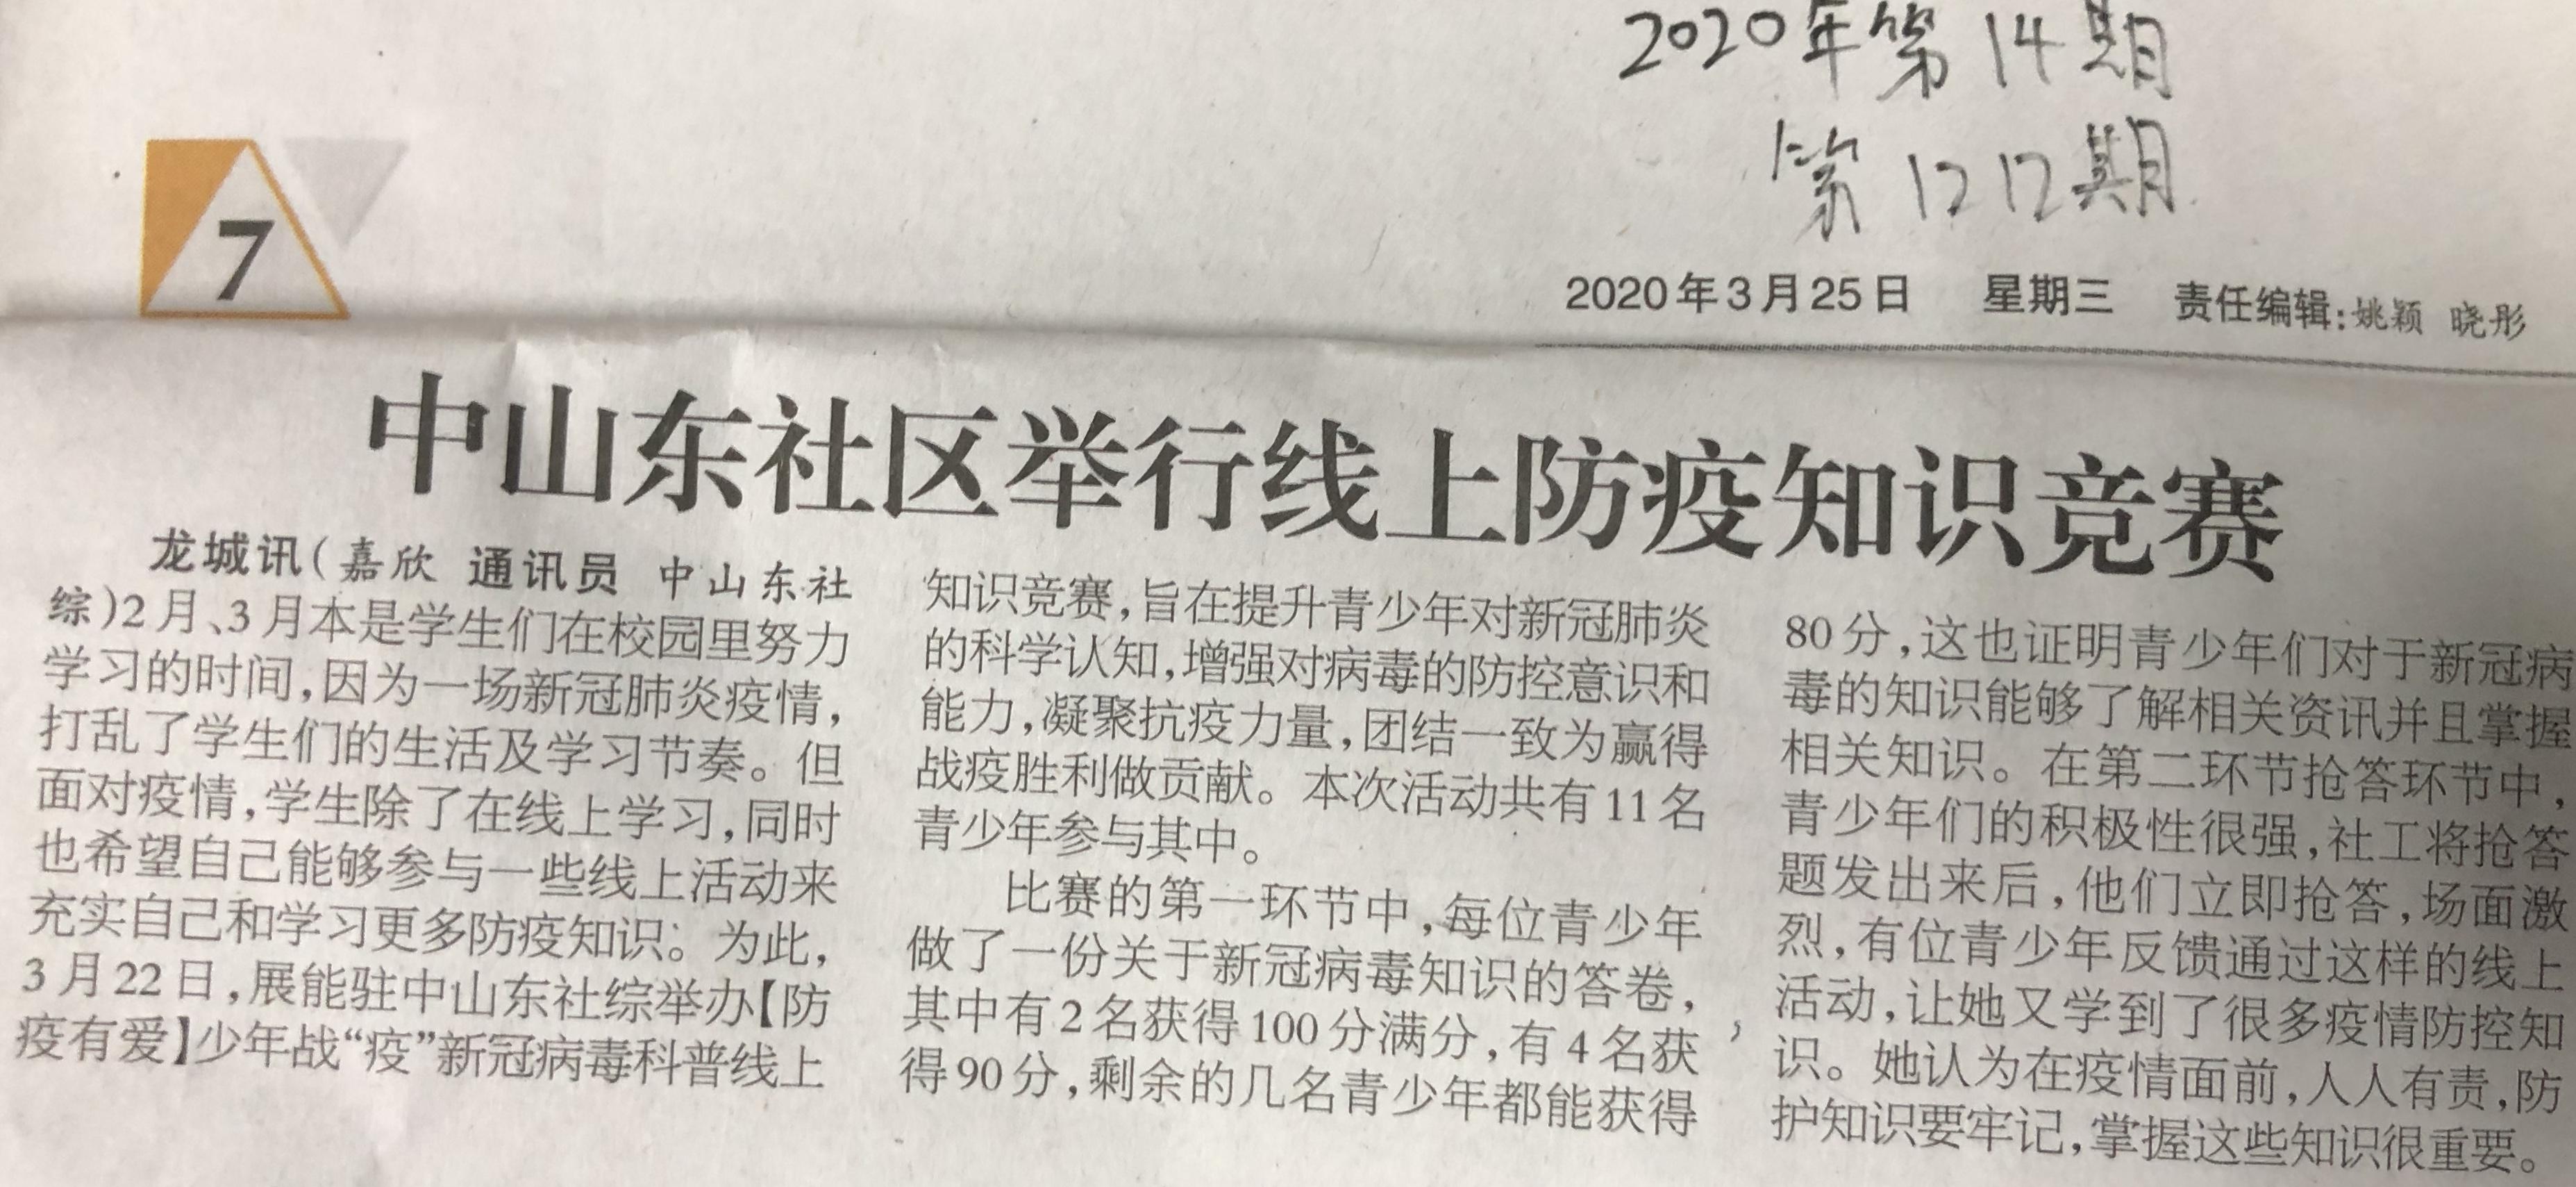 中山东社区举行线上防疫知识竞赛(石龙周报)